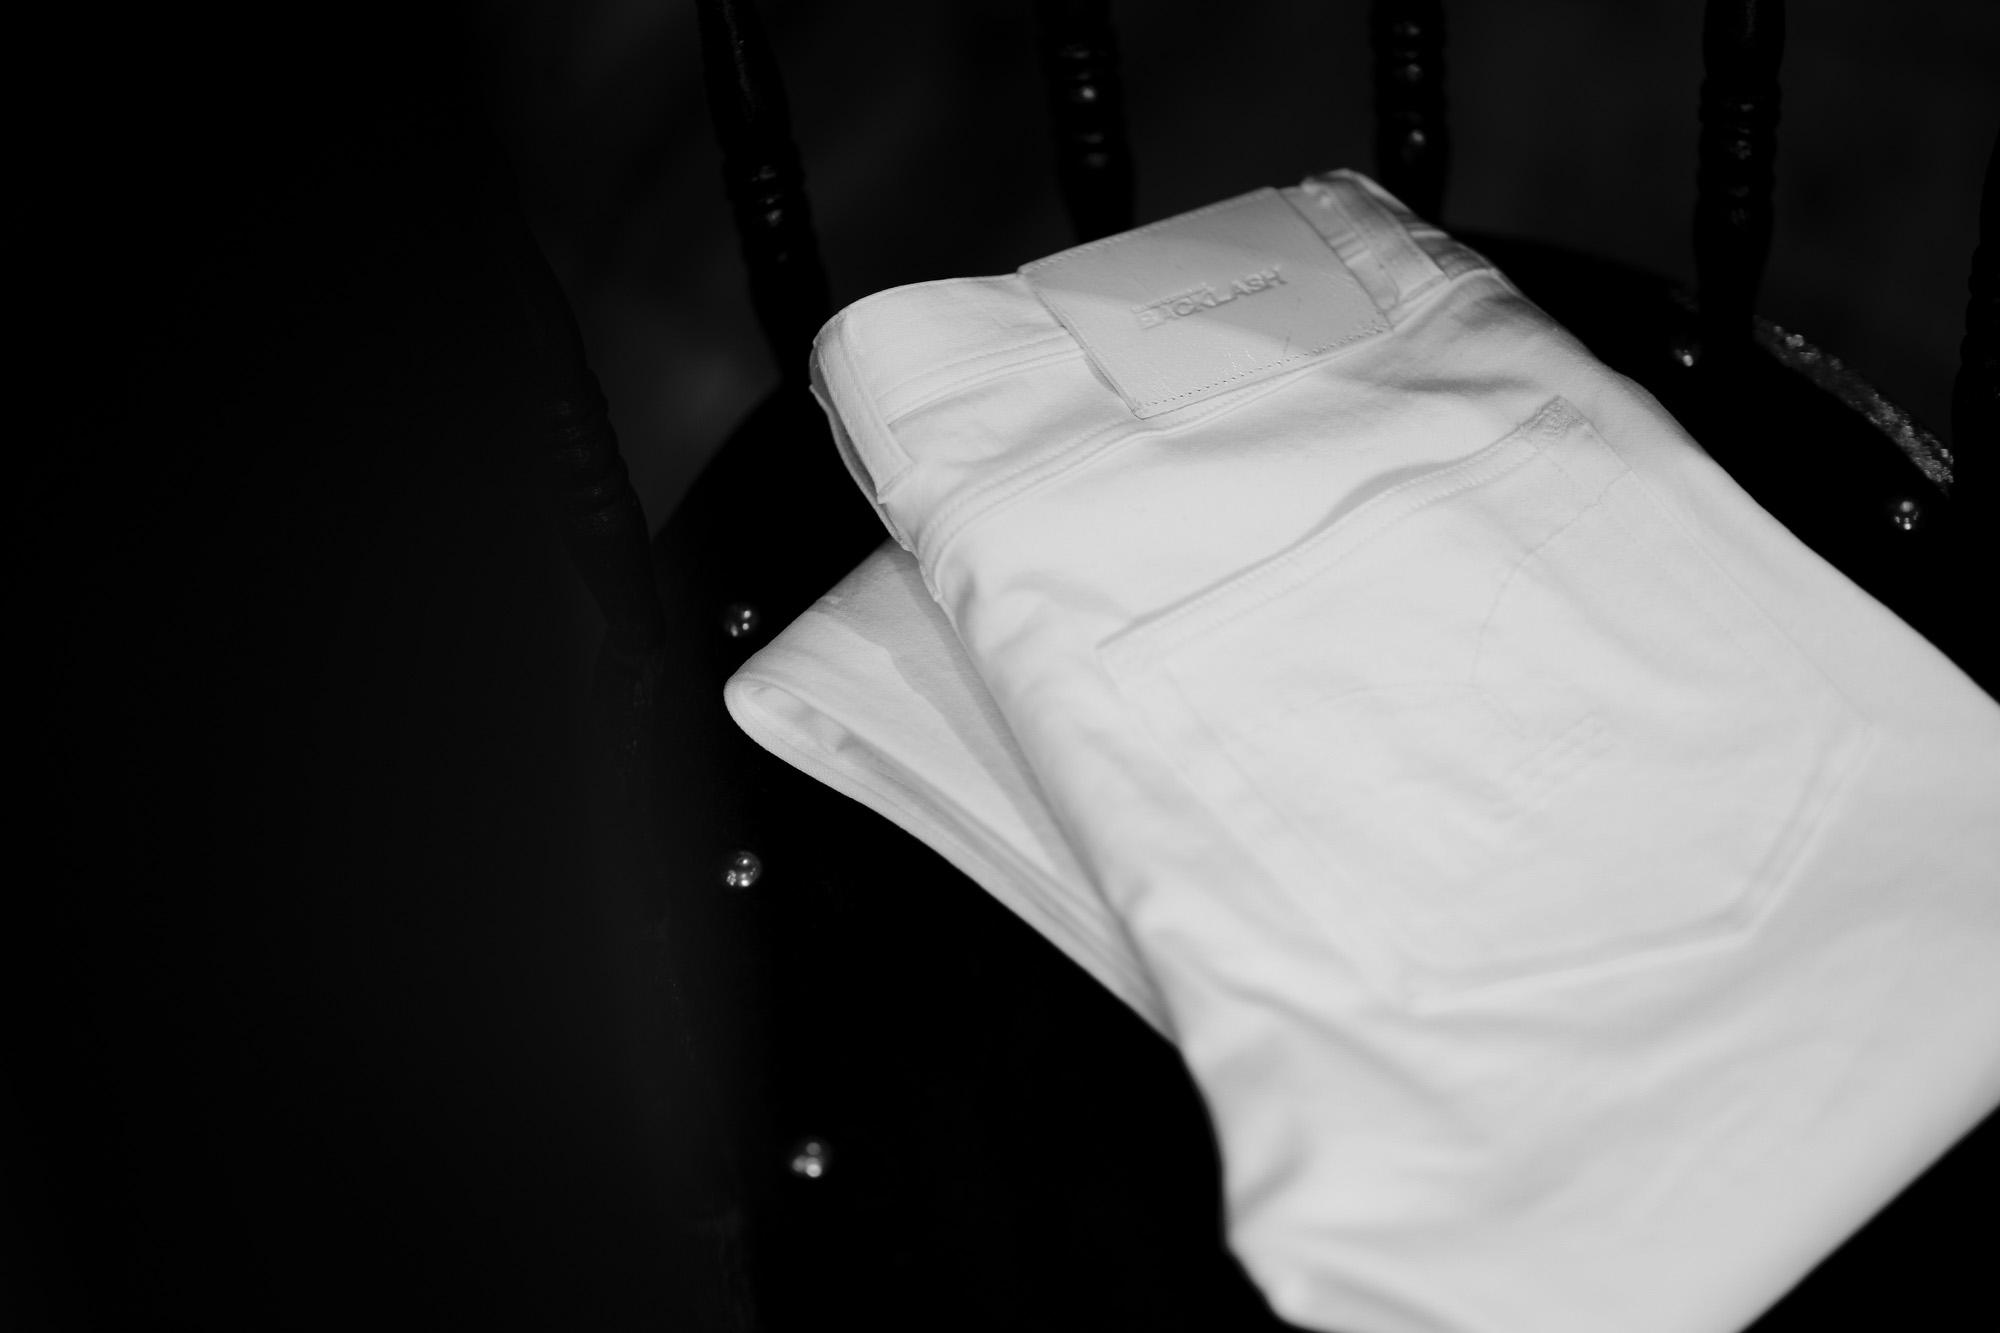 """ISAMU KATAYAMA BACKLASH """"White Denim"""" 2021 【Special Model】【Alto e Diritto別注】イサムカタヤマ バックラッシュ ストレッチ デニムパンツ ホワイトデニム ホワイト ホワイトデニム 白デニム ホワイトデニムパンツ 愛知 名古屋 Alto e Diritto altoediritto アルトエデリット"""